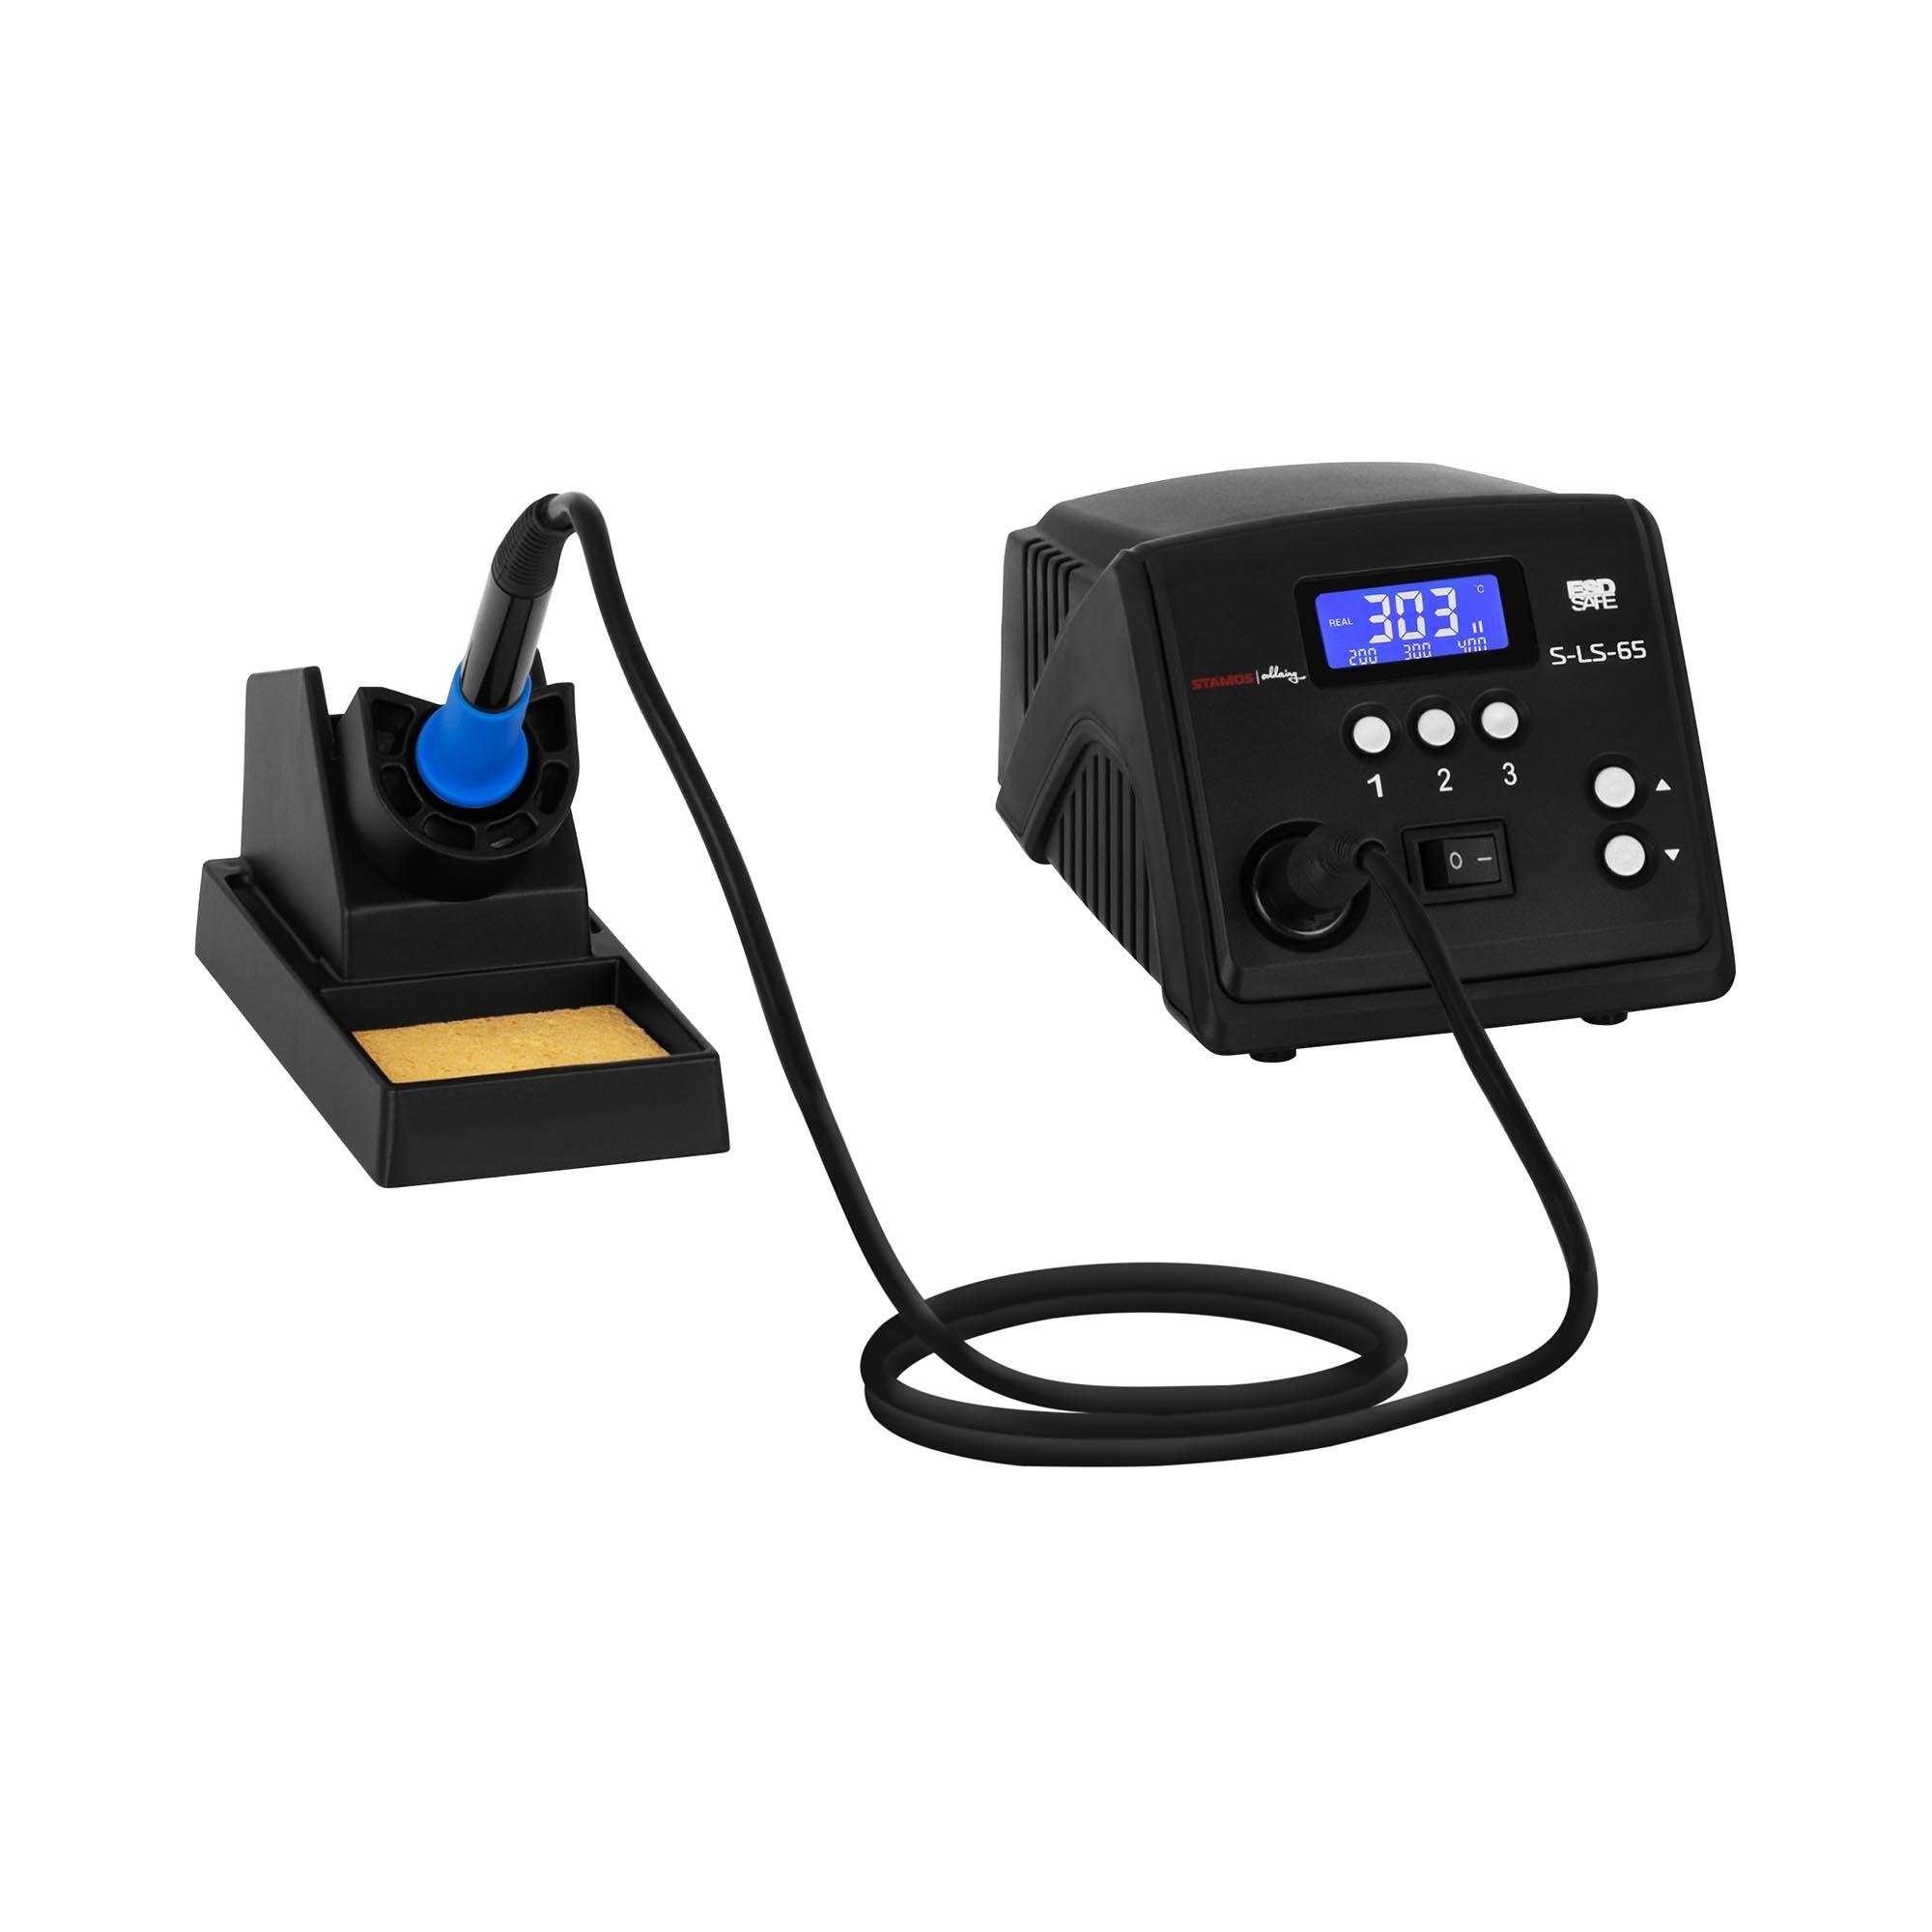 stamos soldering stazione saldante digitale - con saldatoio e supporto per saldatoio - 60 w - lcd s-ls-65